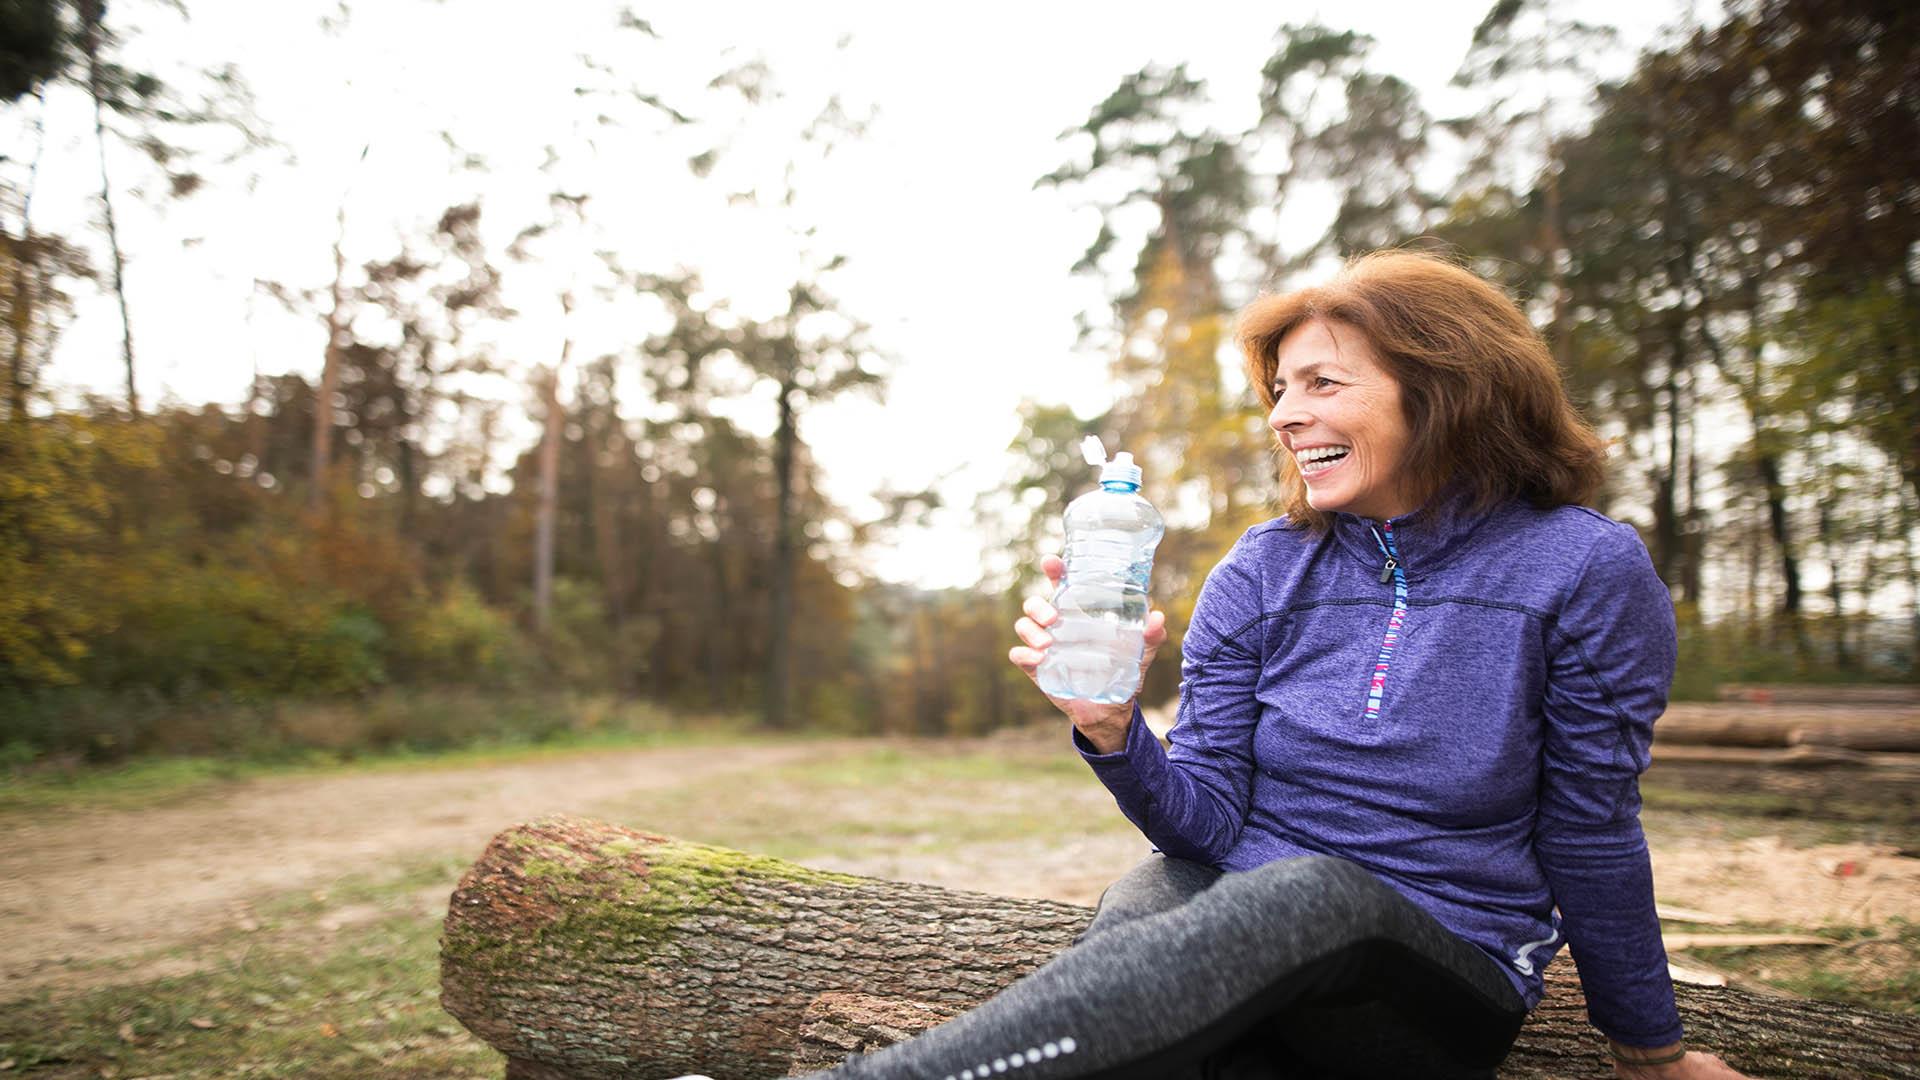 Senior Runner Sitting On Wooden Logs Resting Drinking Water